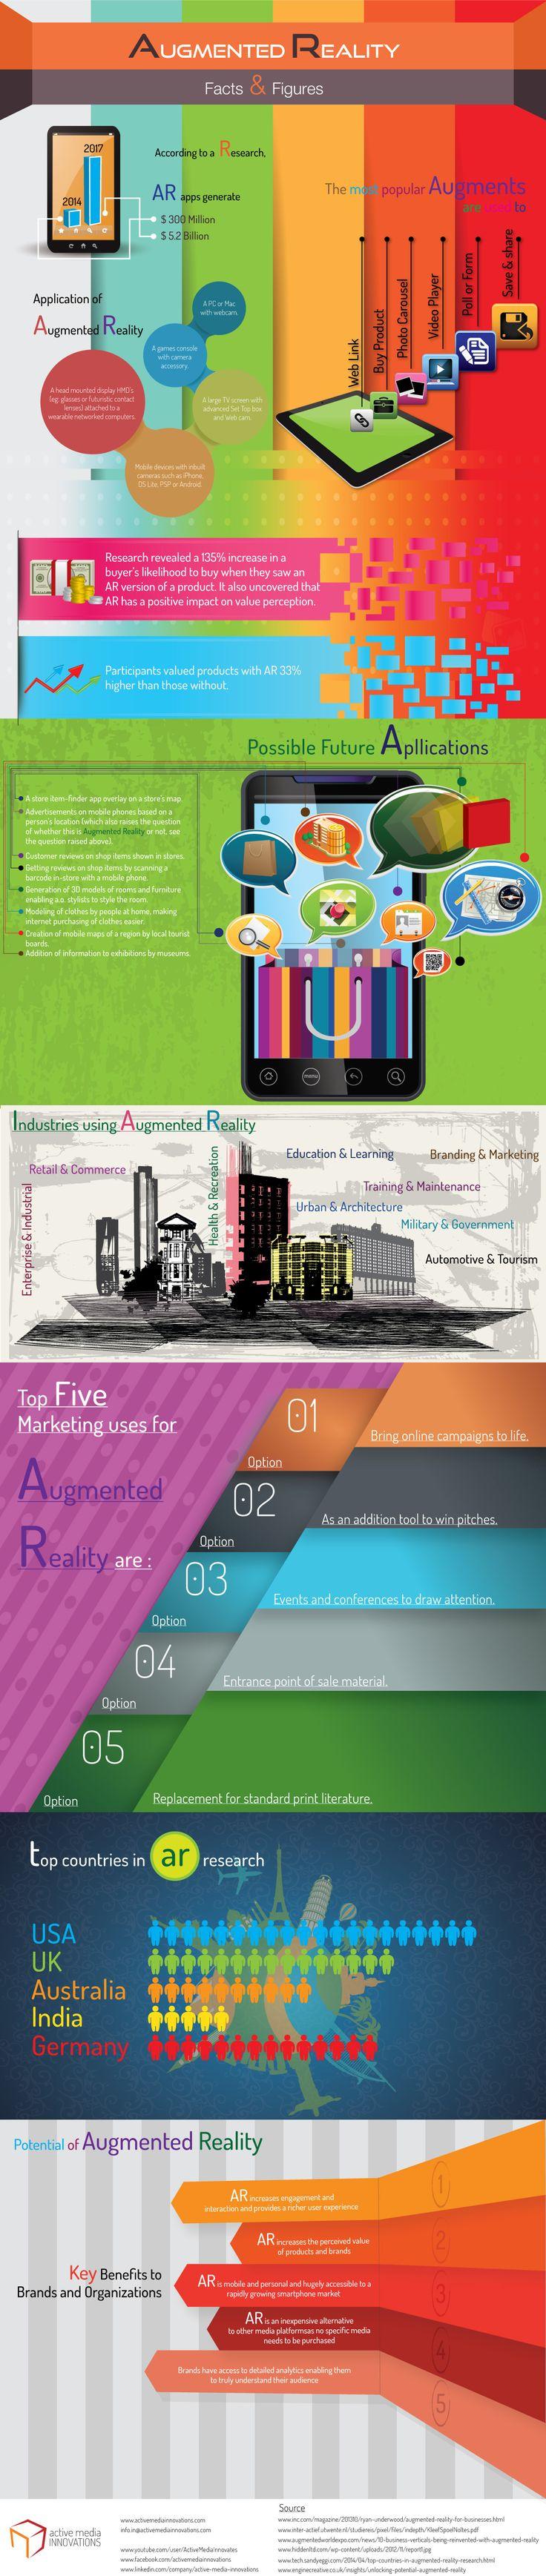 Algunos datos interesantes sobre la #RealidadAumentada: - Utilidades - Usos potenciales - Utilidad para el Marketing -  Utilización por países